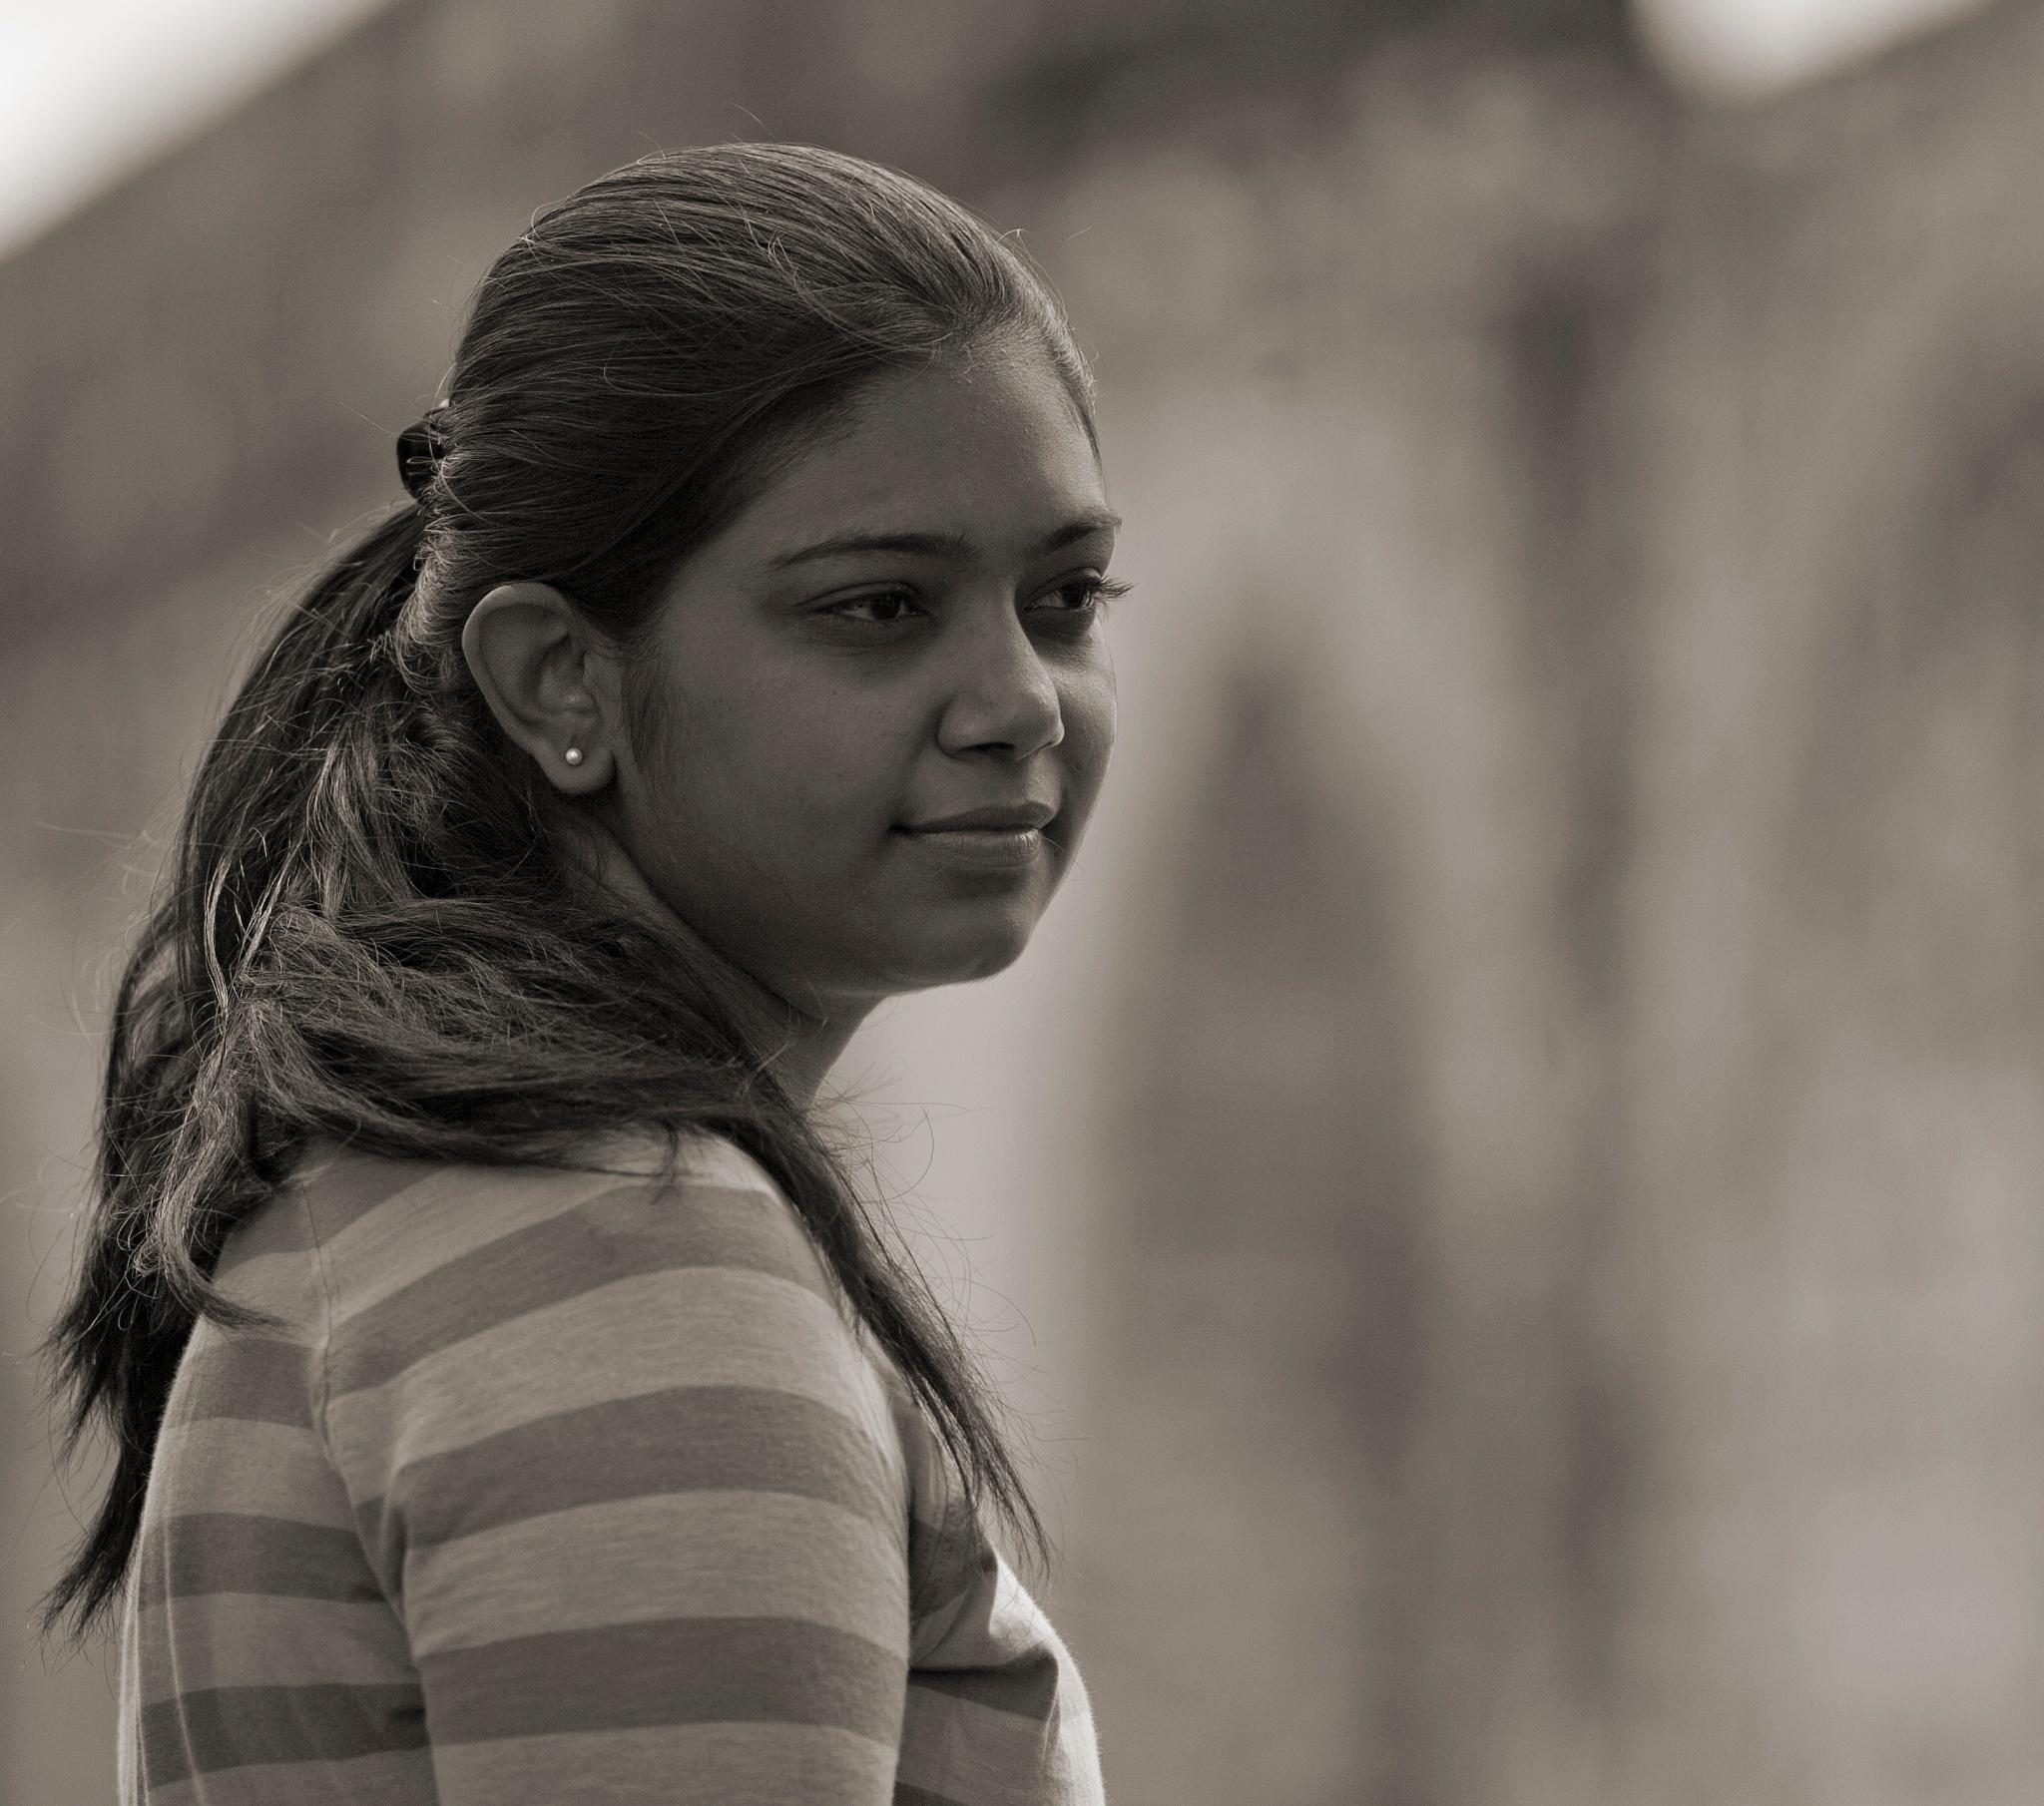 Portrait #12 by Taariq Tommy